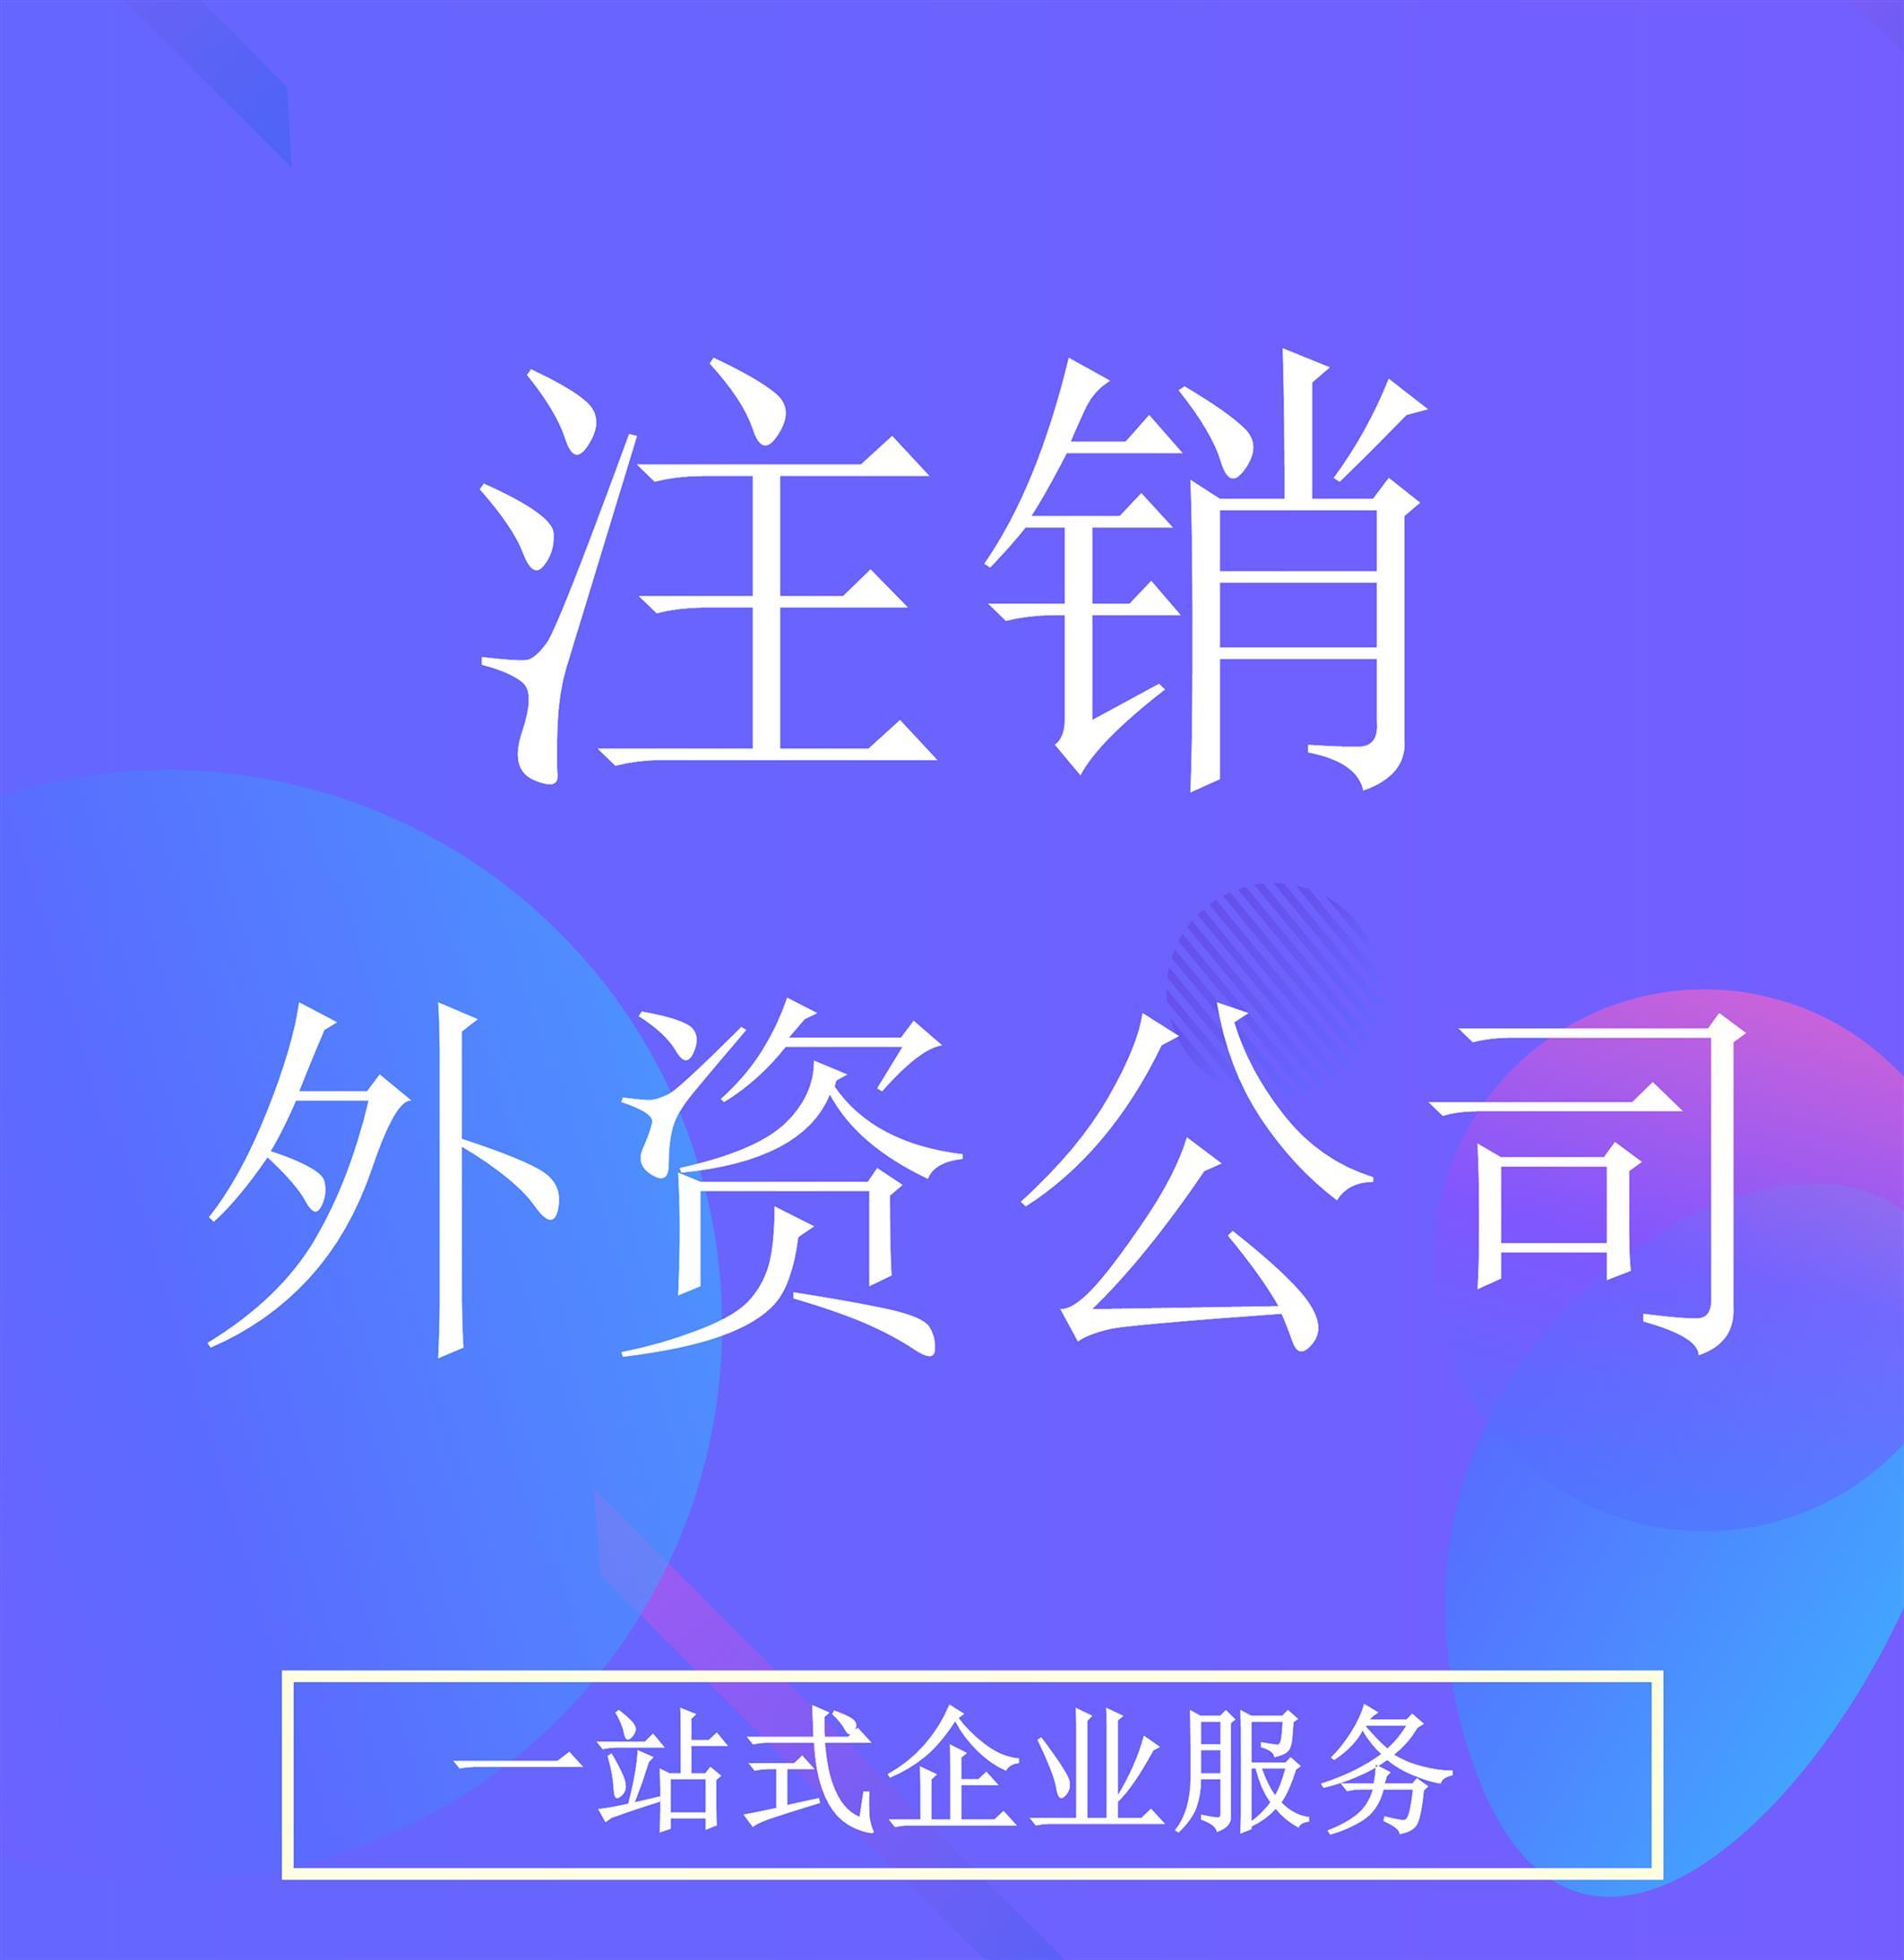 注销深圳公司的流程 需要的进来看看